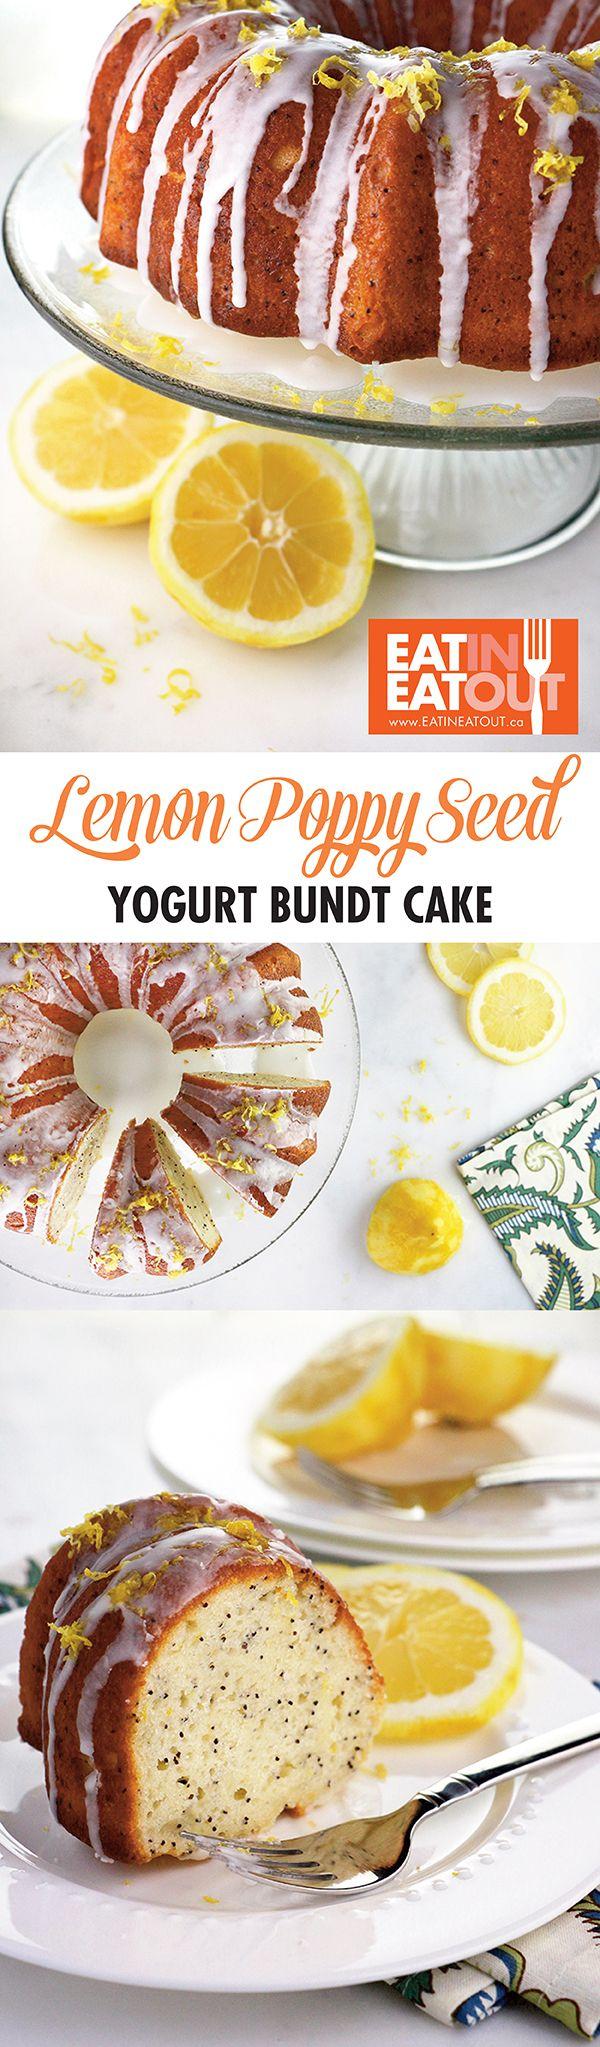 I love Bundt cakes and so does Mom! Lemon Poppy Seed Yogurt Cake #yummy #mothersday #dessert